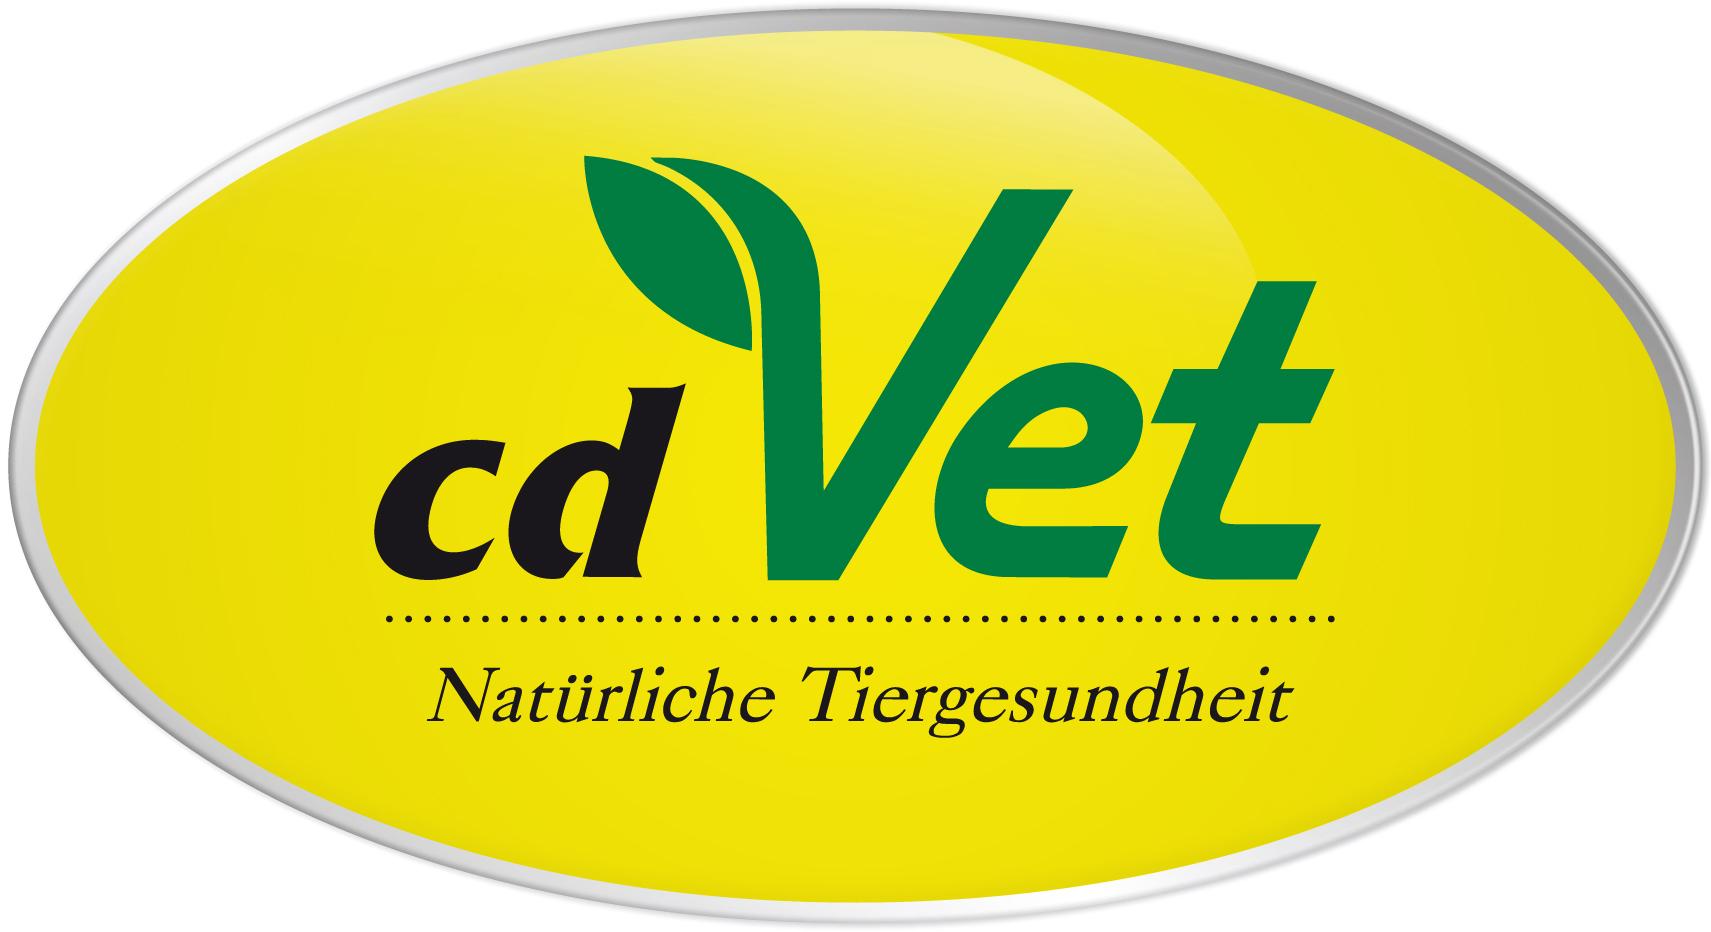 cd Vet Naturprodukte GmbH